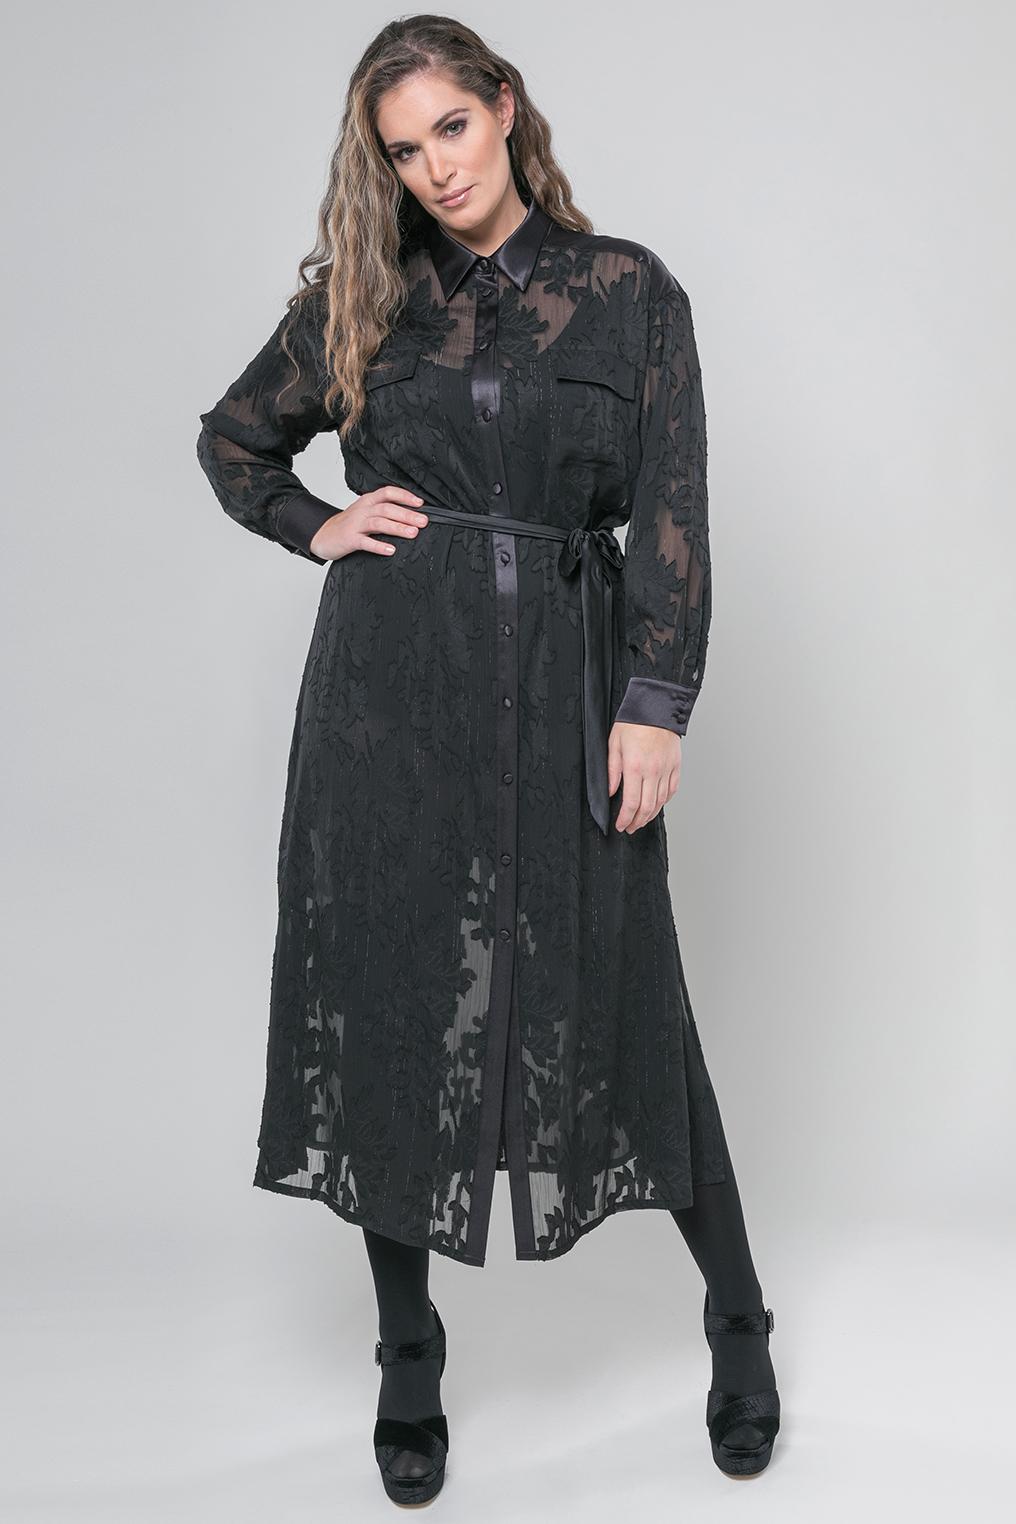 Mat fashion jurk opengewerkt